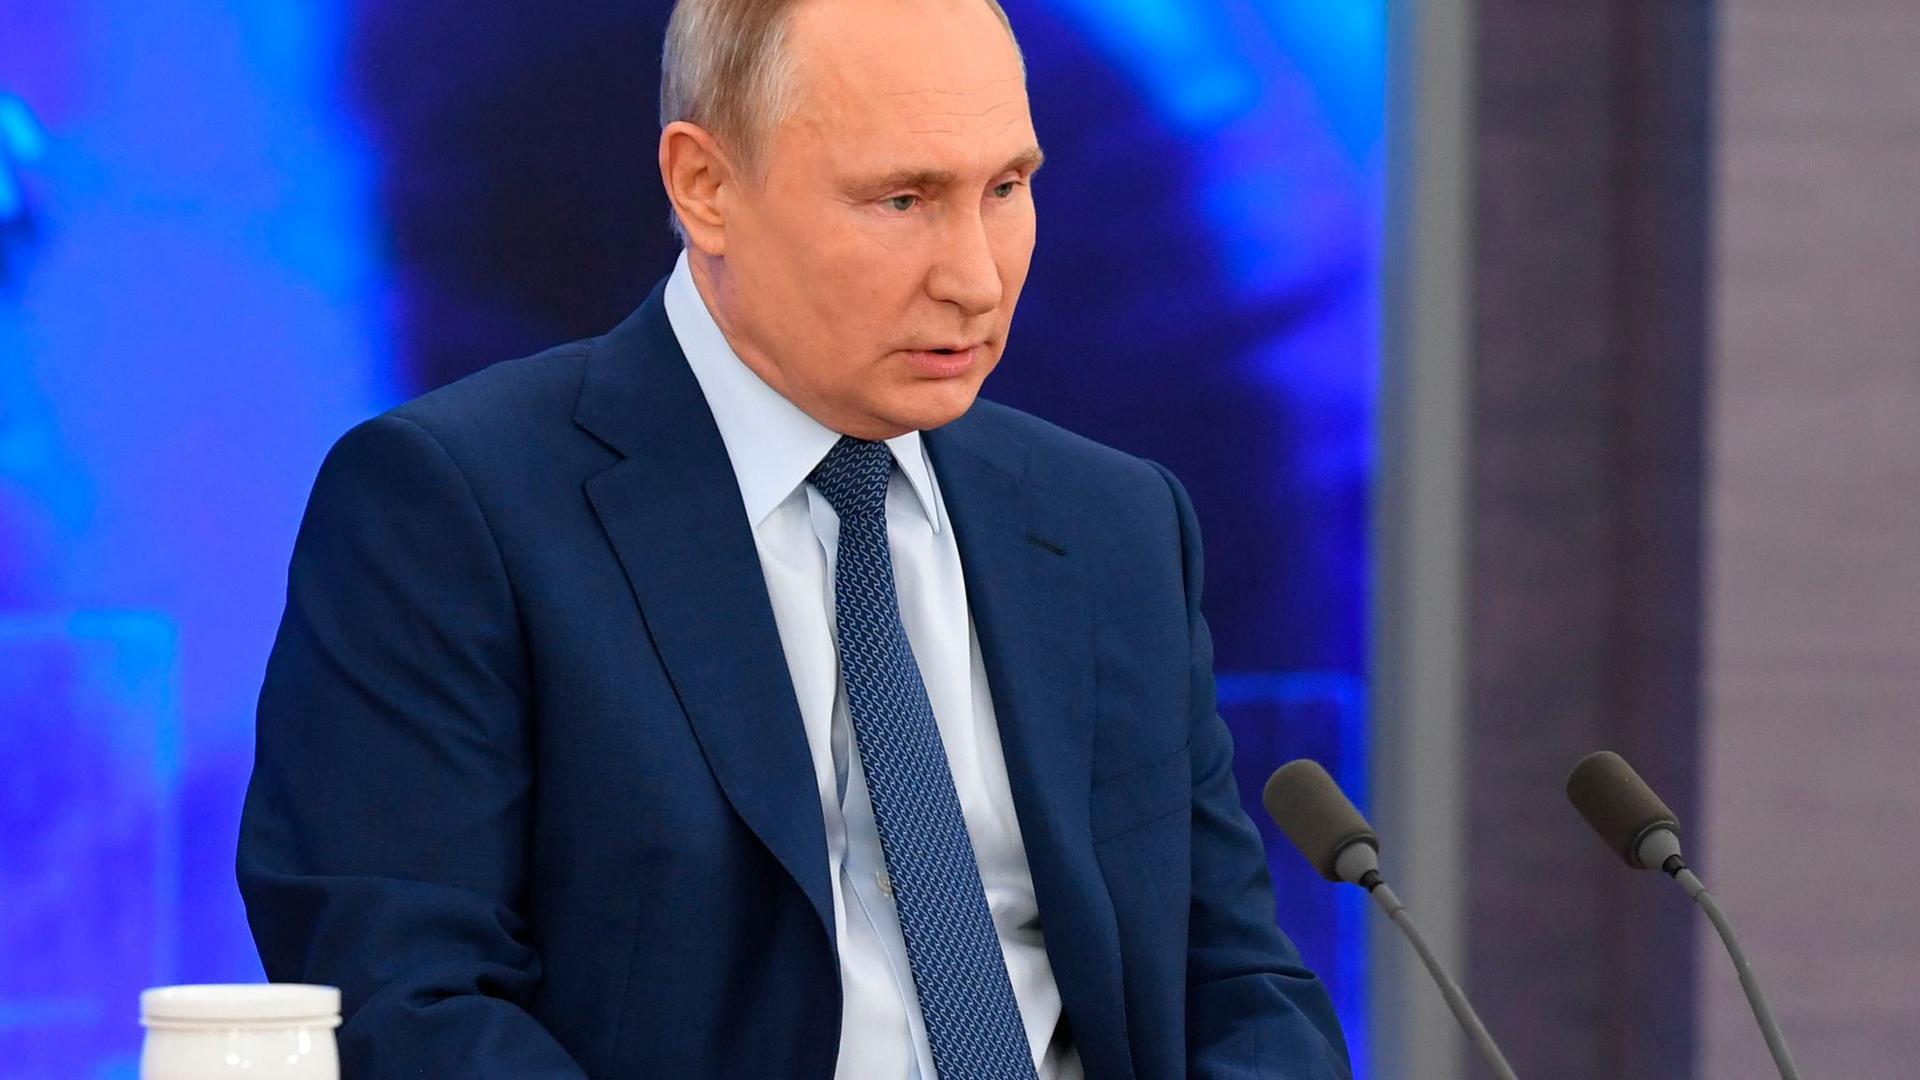 Der russische Präsident Wladimir Putin spricht bei der großen Pressekonferenz in Moskau per Video zu Medienvertretern.